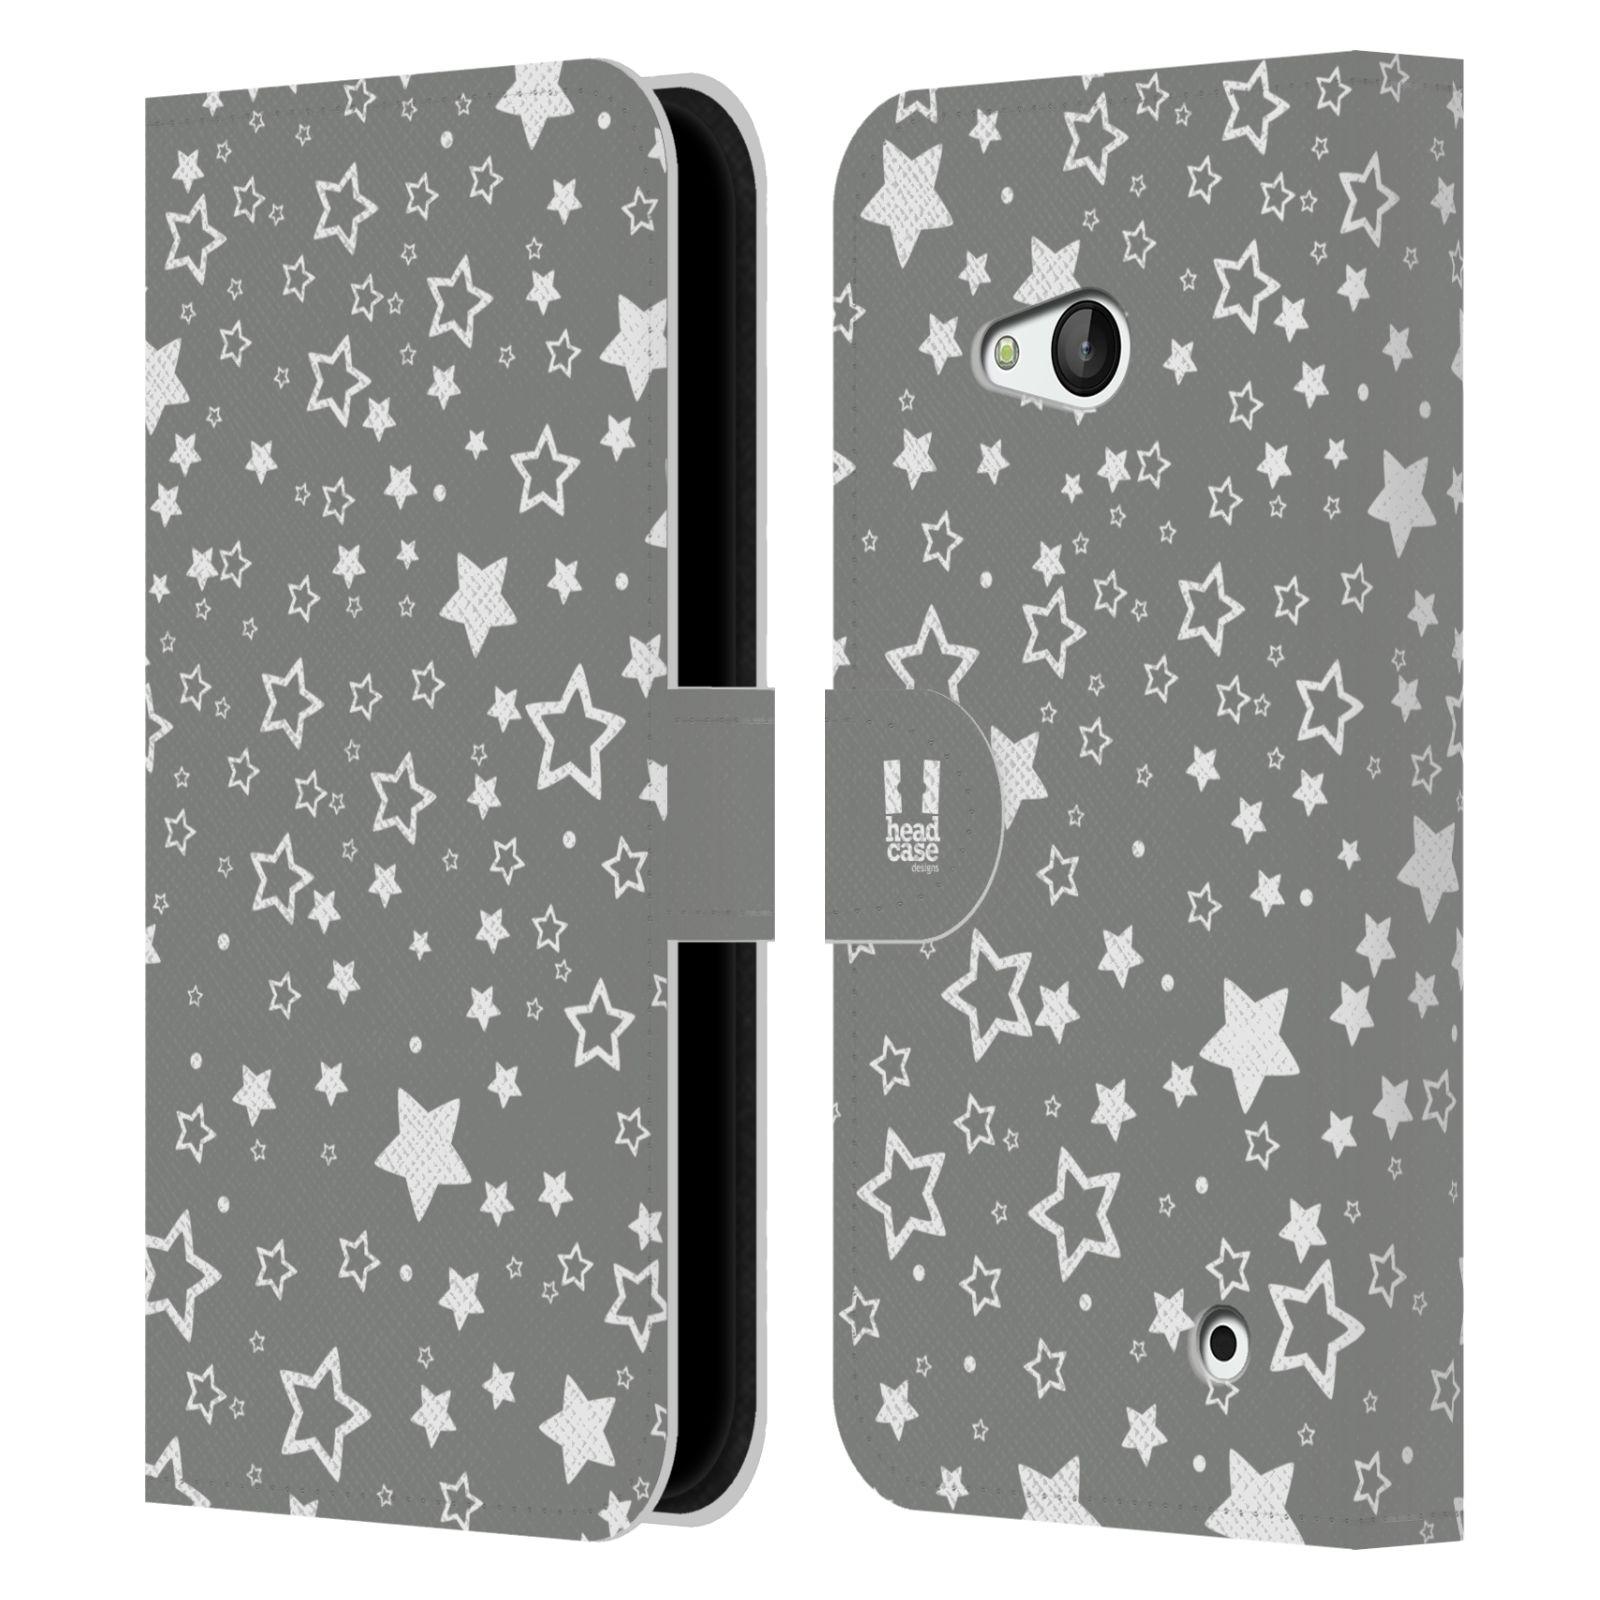 HEAD CASE Flipové pouzdro pro mobil NOKIA / MICROSOFT LUMIA 640 / LUMIA 640 DUAL stříbrné vzory hvezdičky